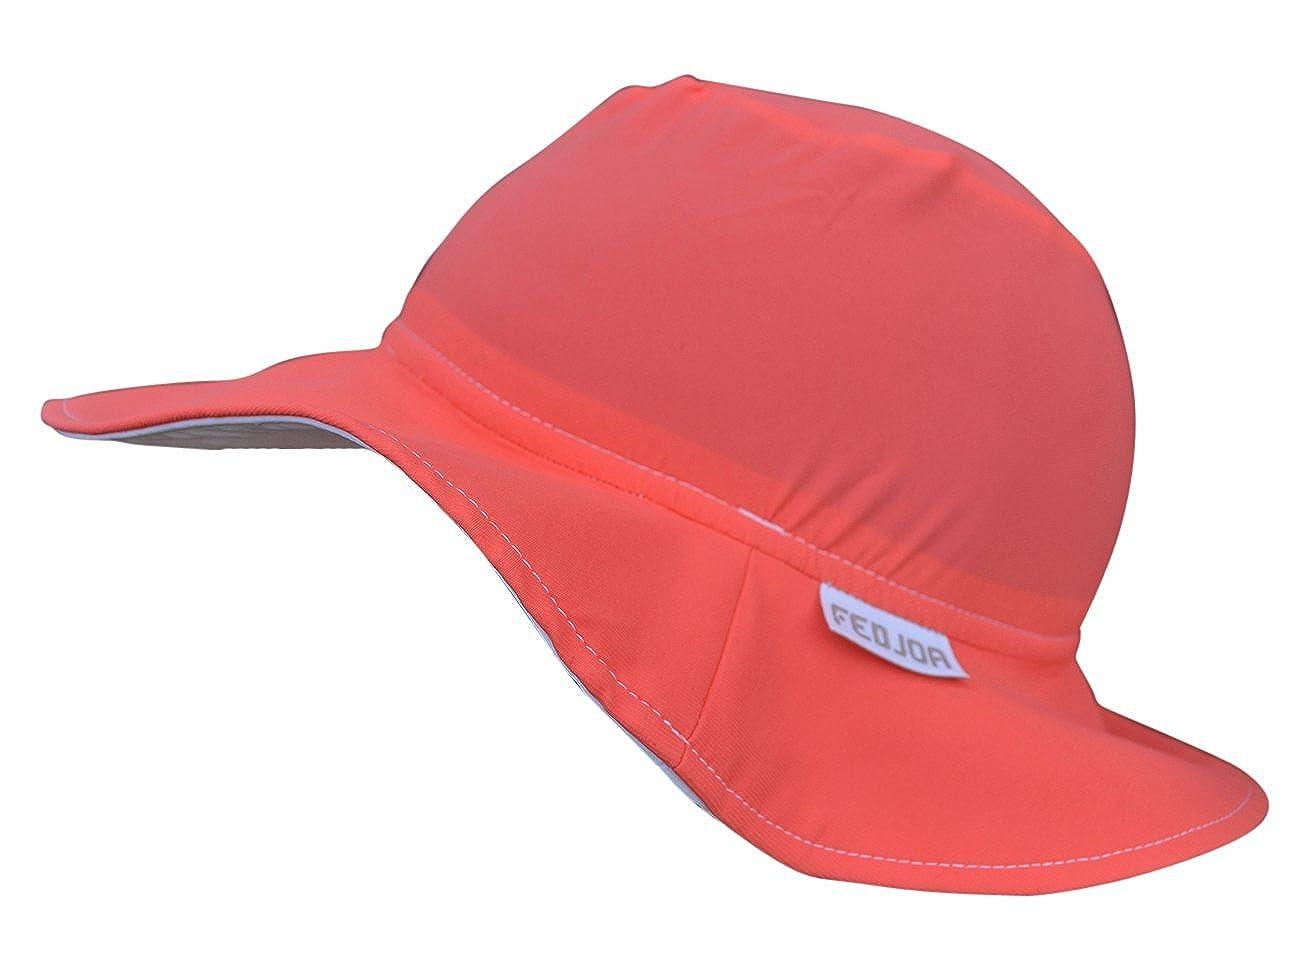 FEDJOA Chapeau Anti-UV – Bébé – Fille - Lolly